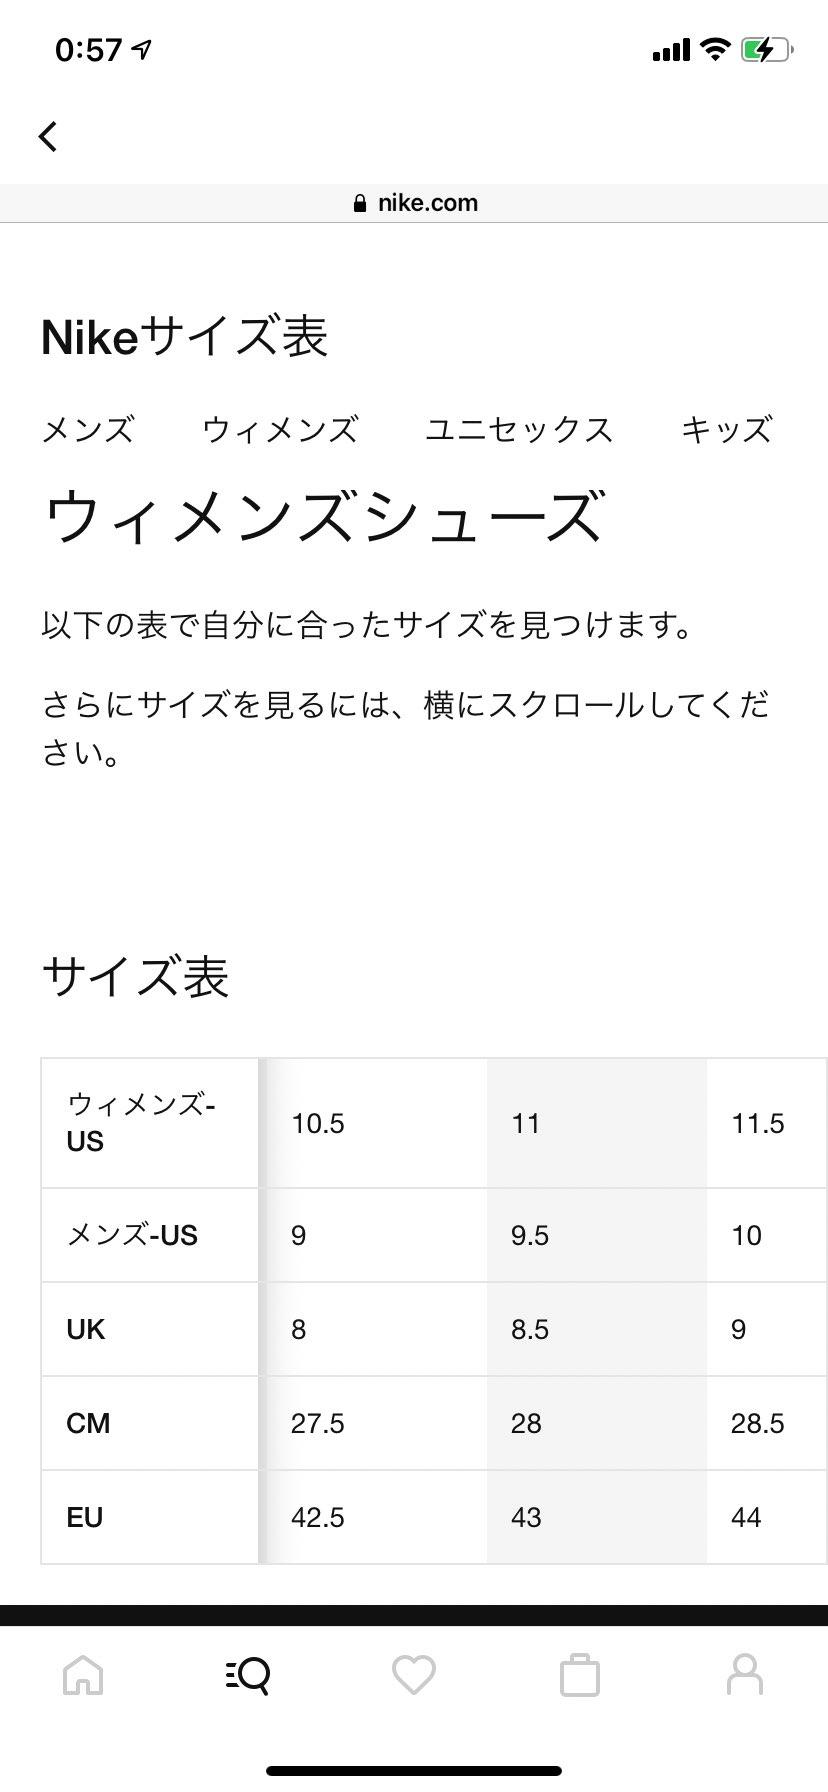 メンズエアマックス系マイサイ28cm(US10UK9)の場合、NIKE公式サイズ